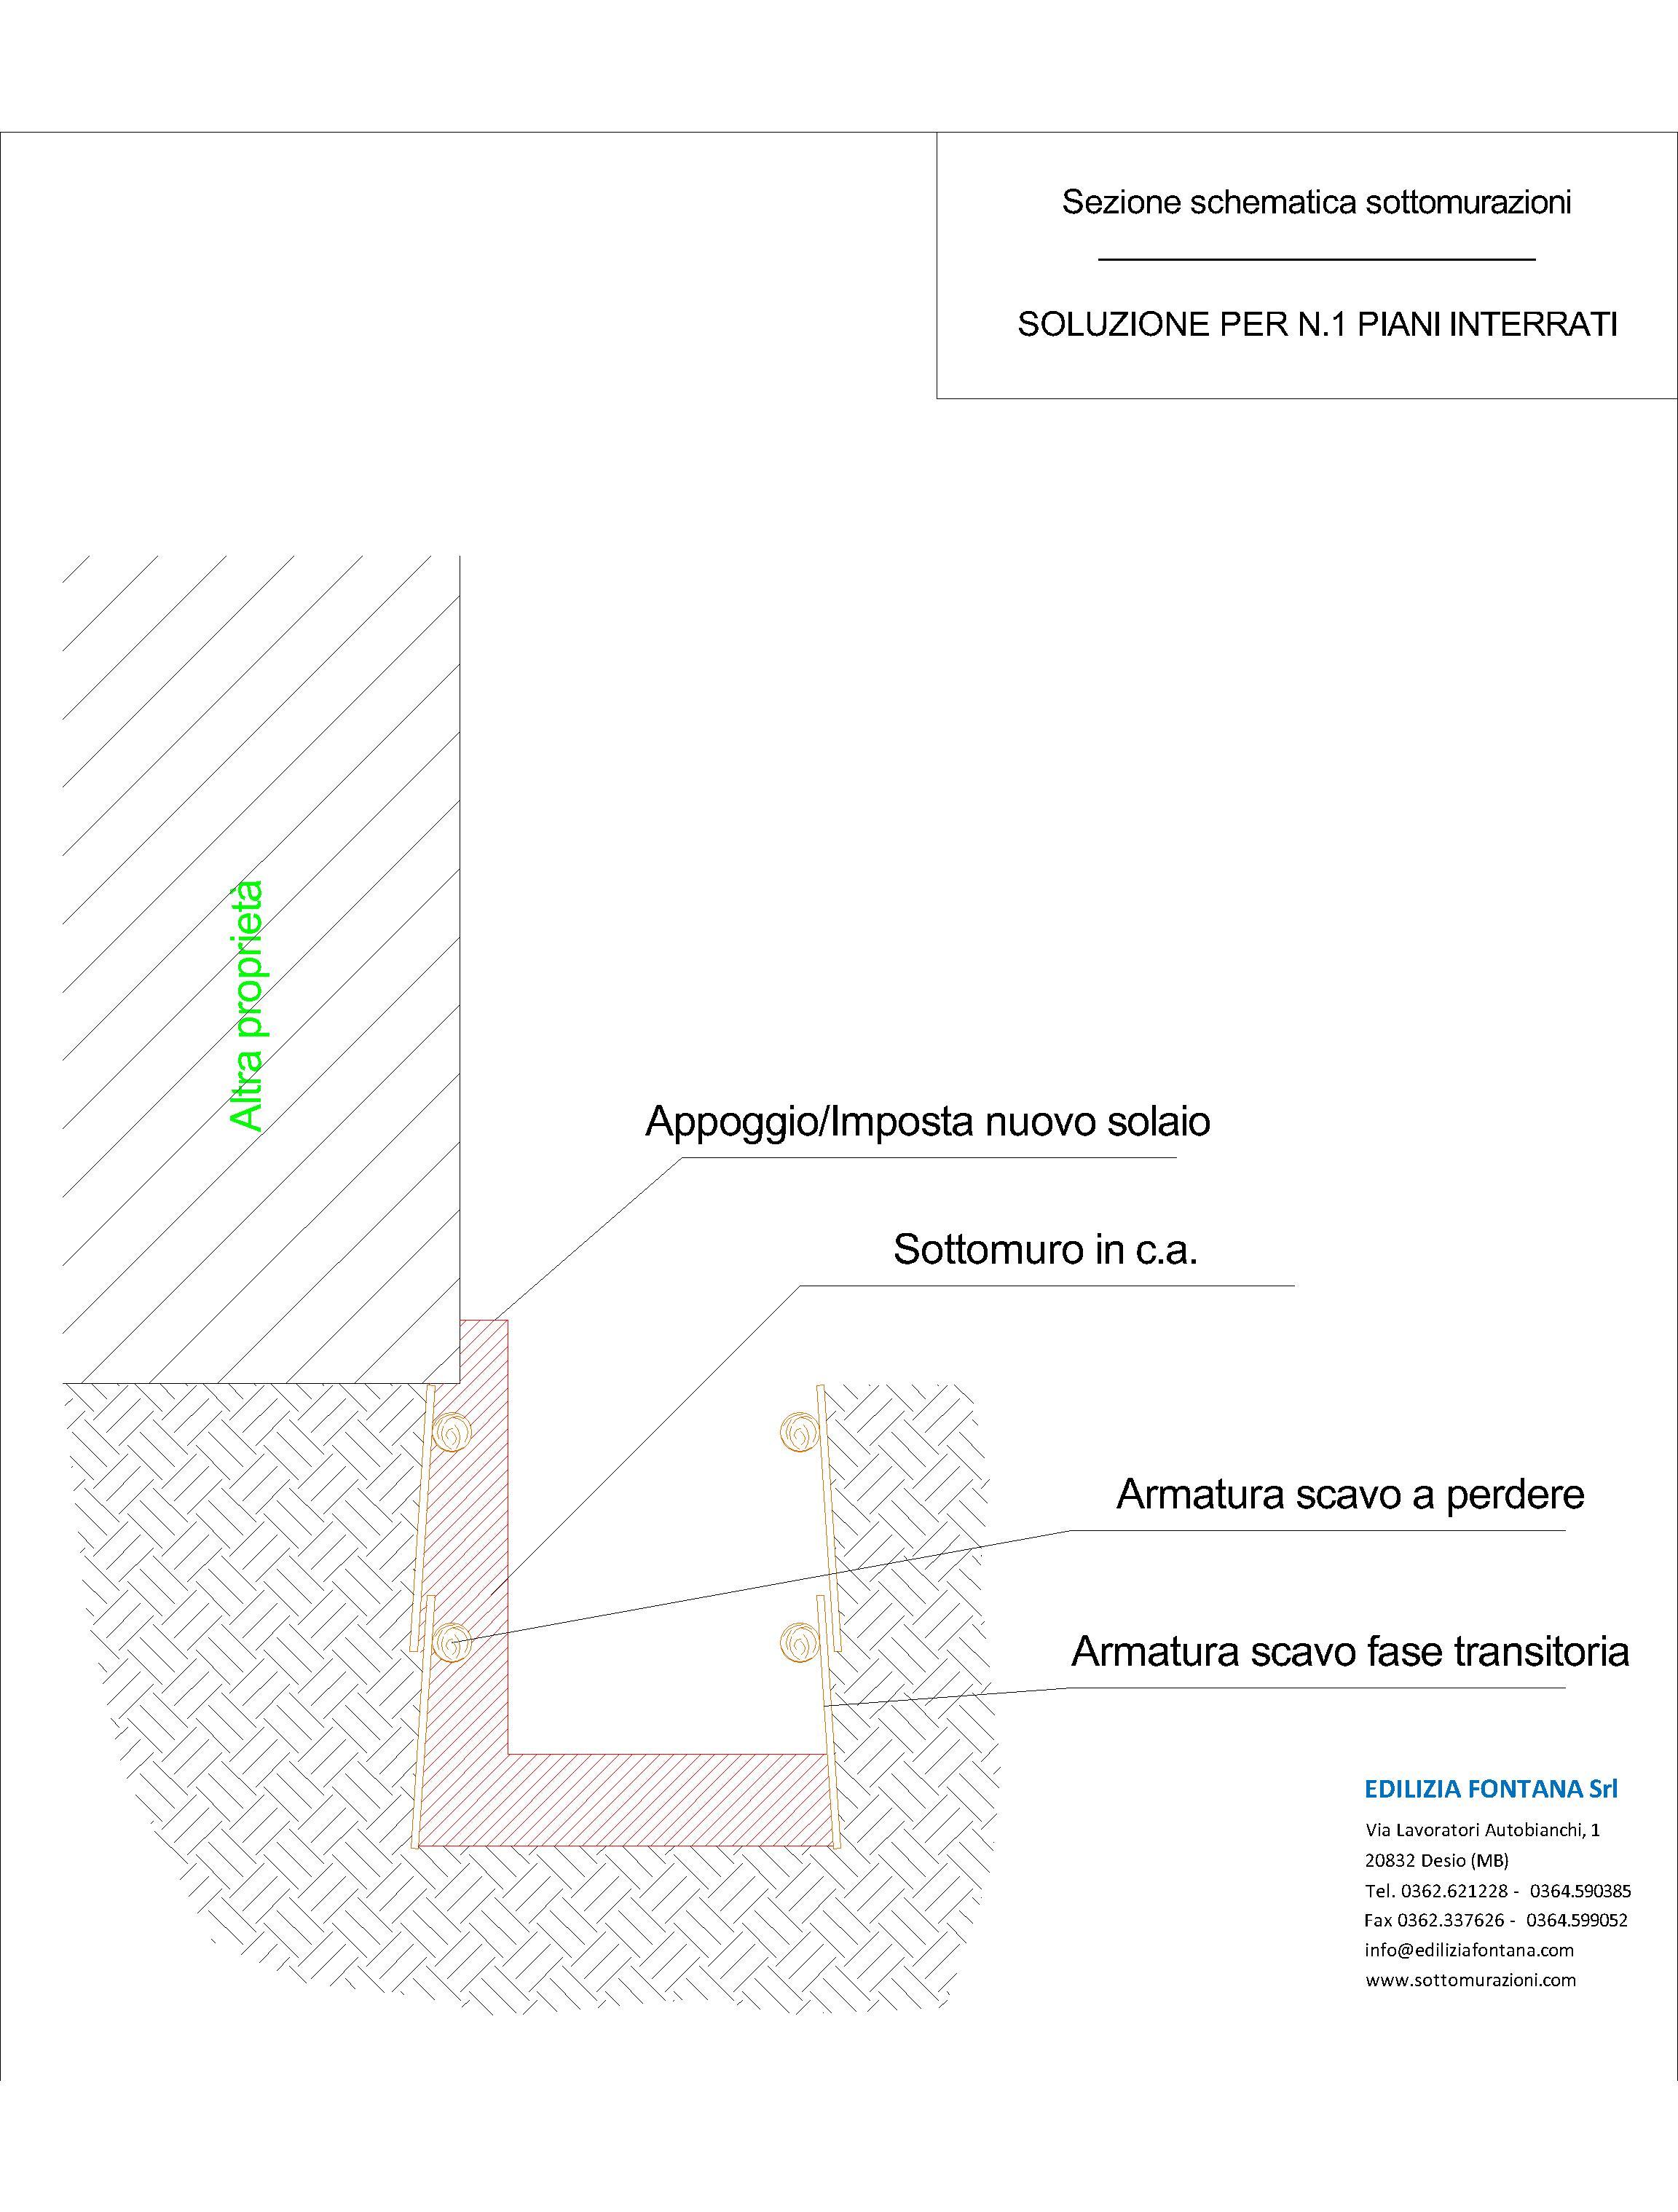 specializzati in sottomurazioni edilizia fontana sottomurazioni e scavi armati edilizia fontana sottomurazioni 05